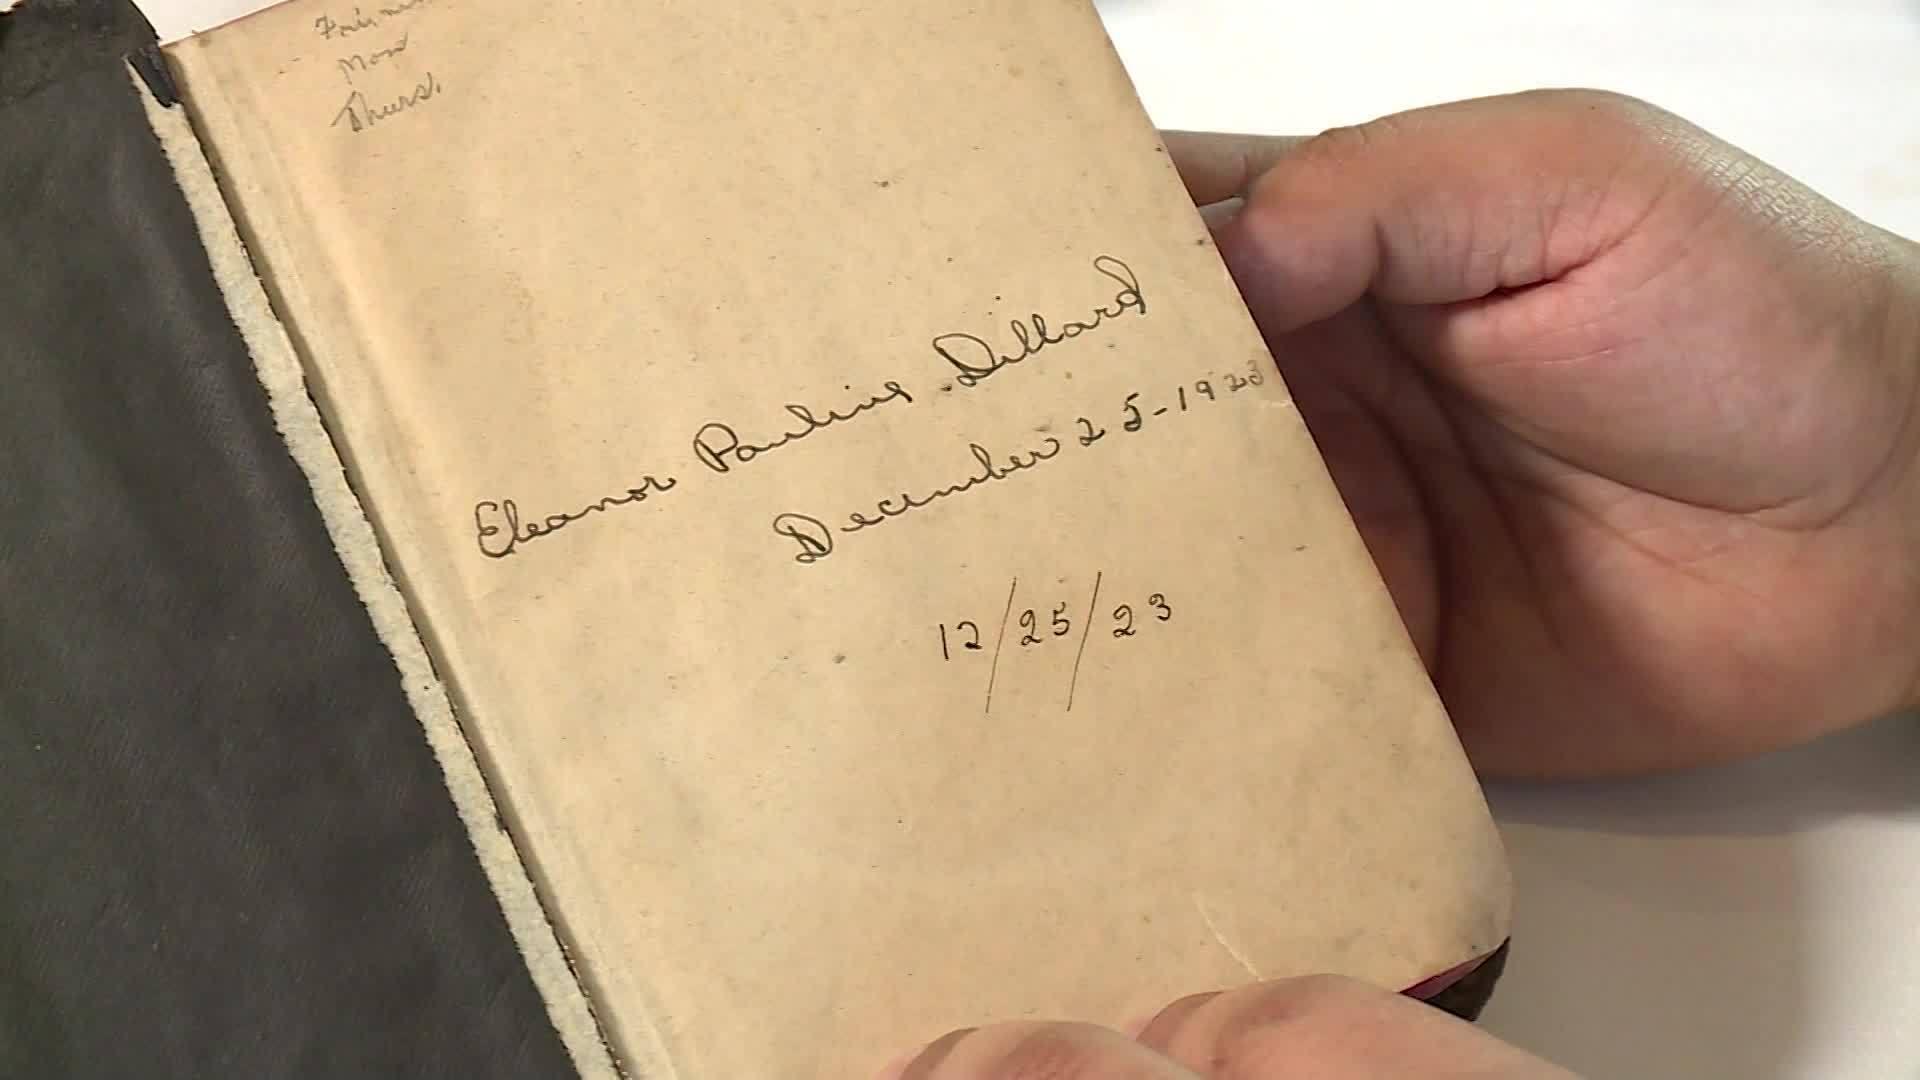 VIDEO: Near century old Bible found in restaurant